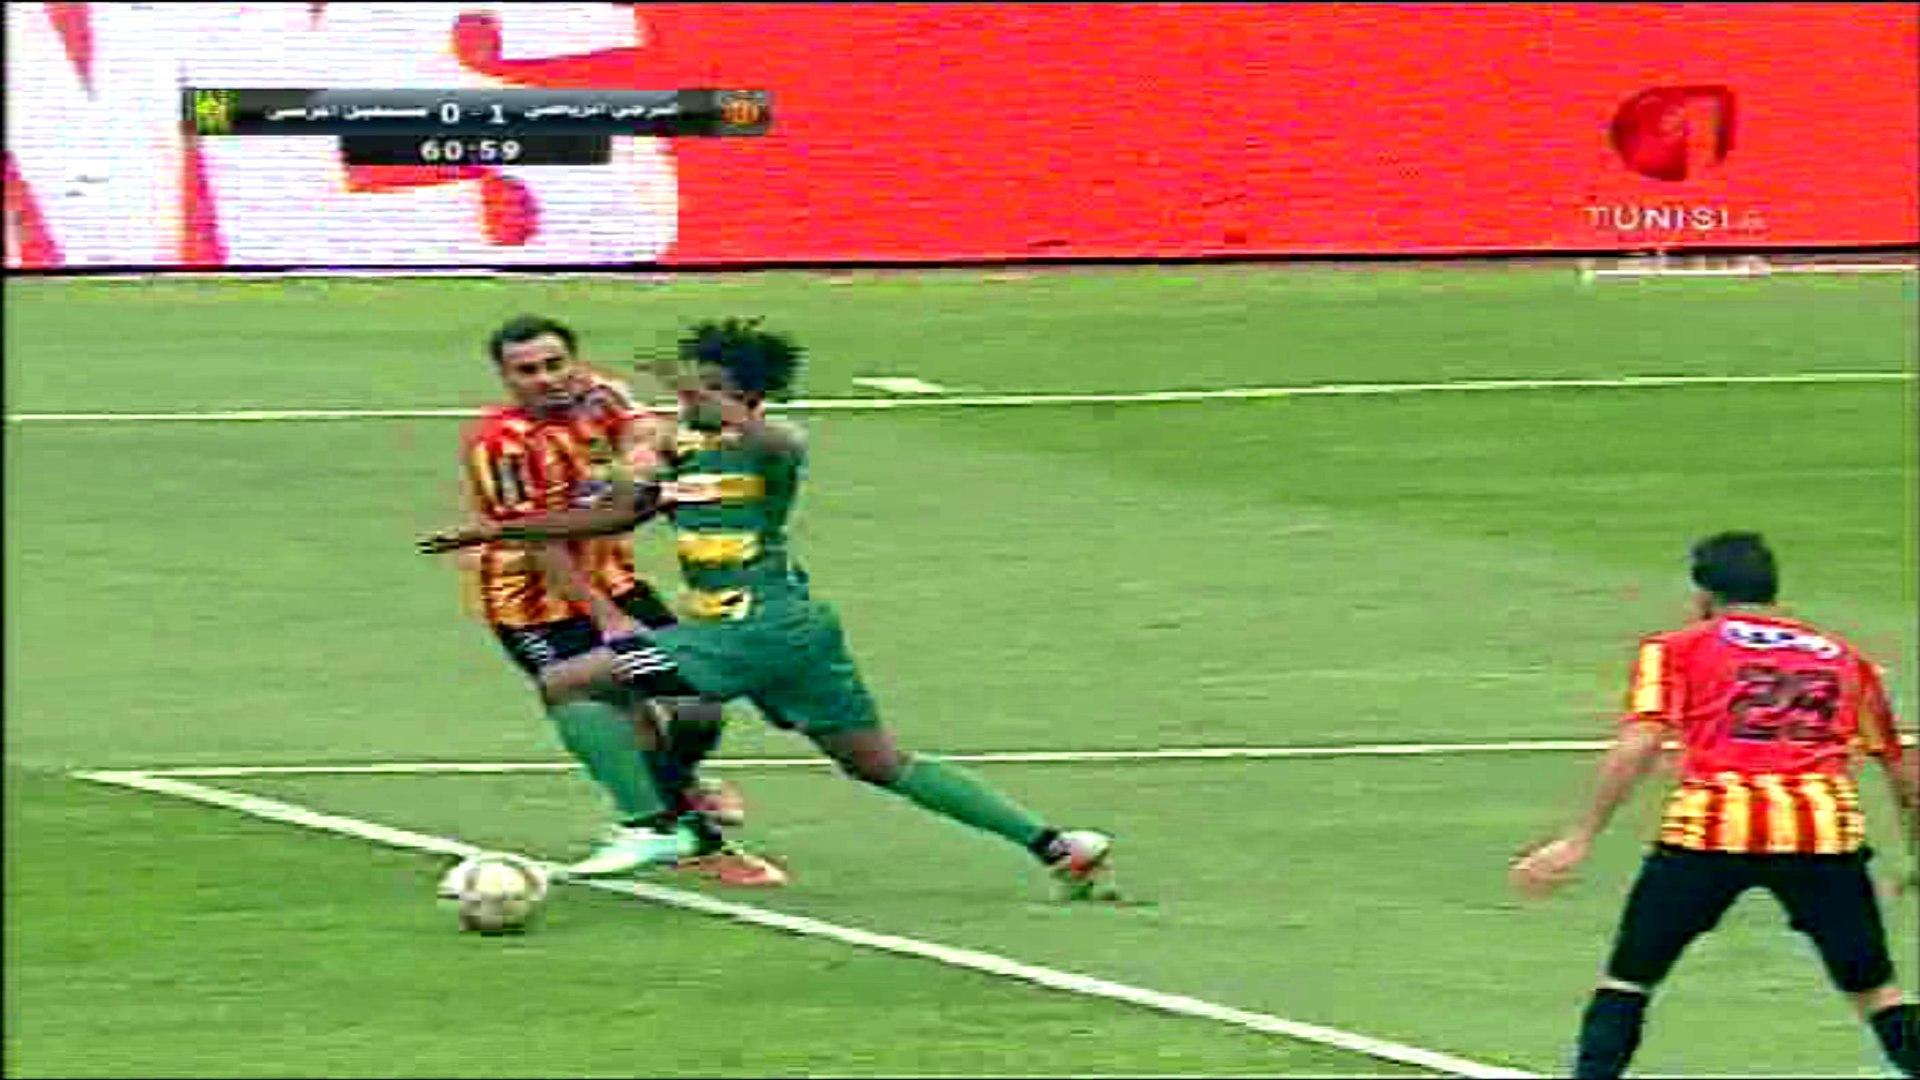 [Ligue1, J16] EST vs ASM - Penalty Non Sifflé sur Idriss Mhirsi (60') 13-02-2016